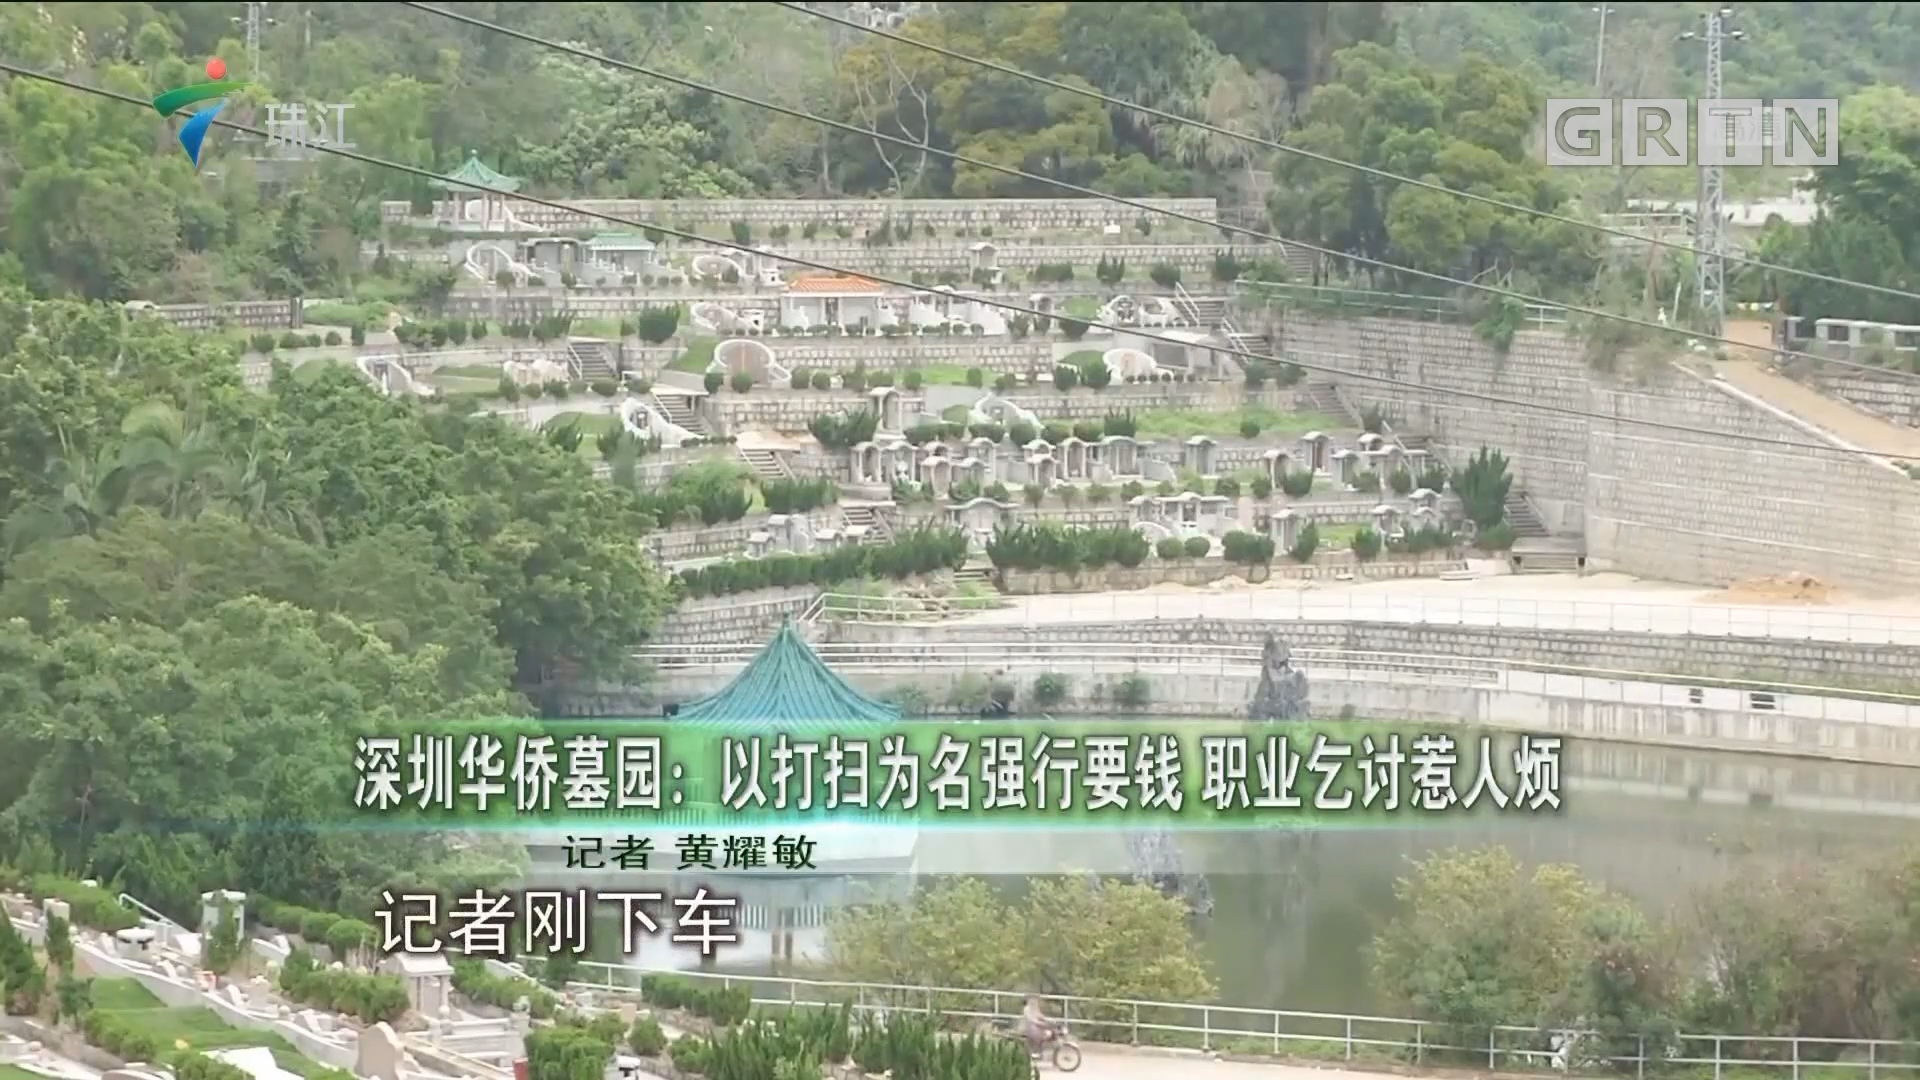 深圳华侨墓园:以打扫为名强行要钱 职业乞讨惹人烦